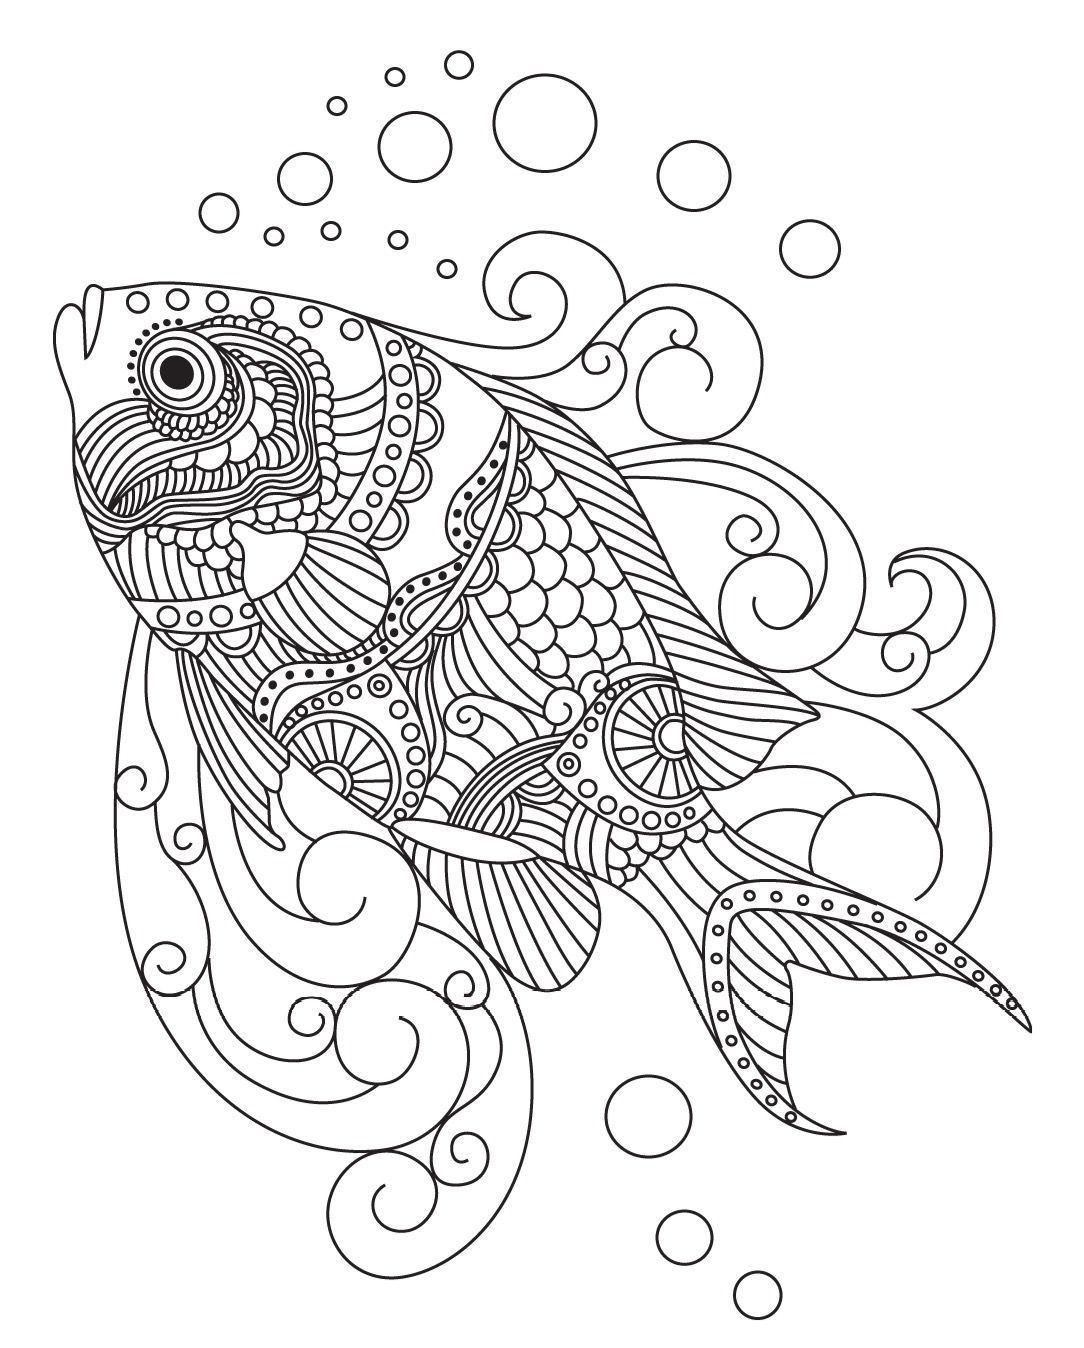 Doku Calismasi In 2020 Mandala Coloring Pages Mandala Coloring Coloring Books